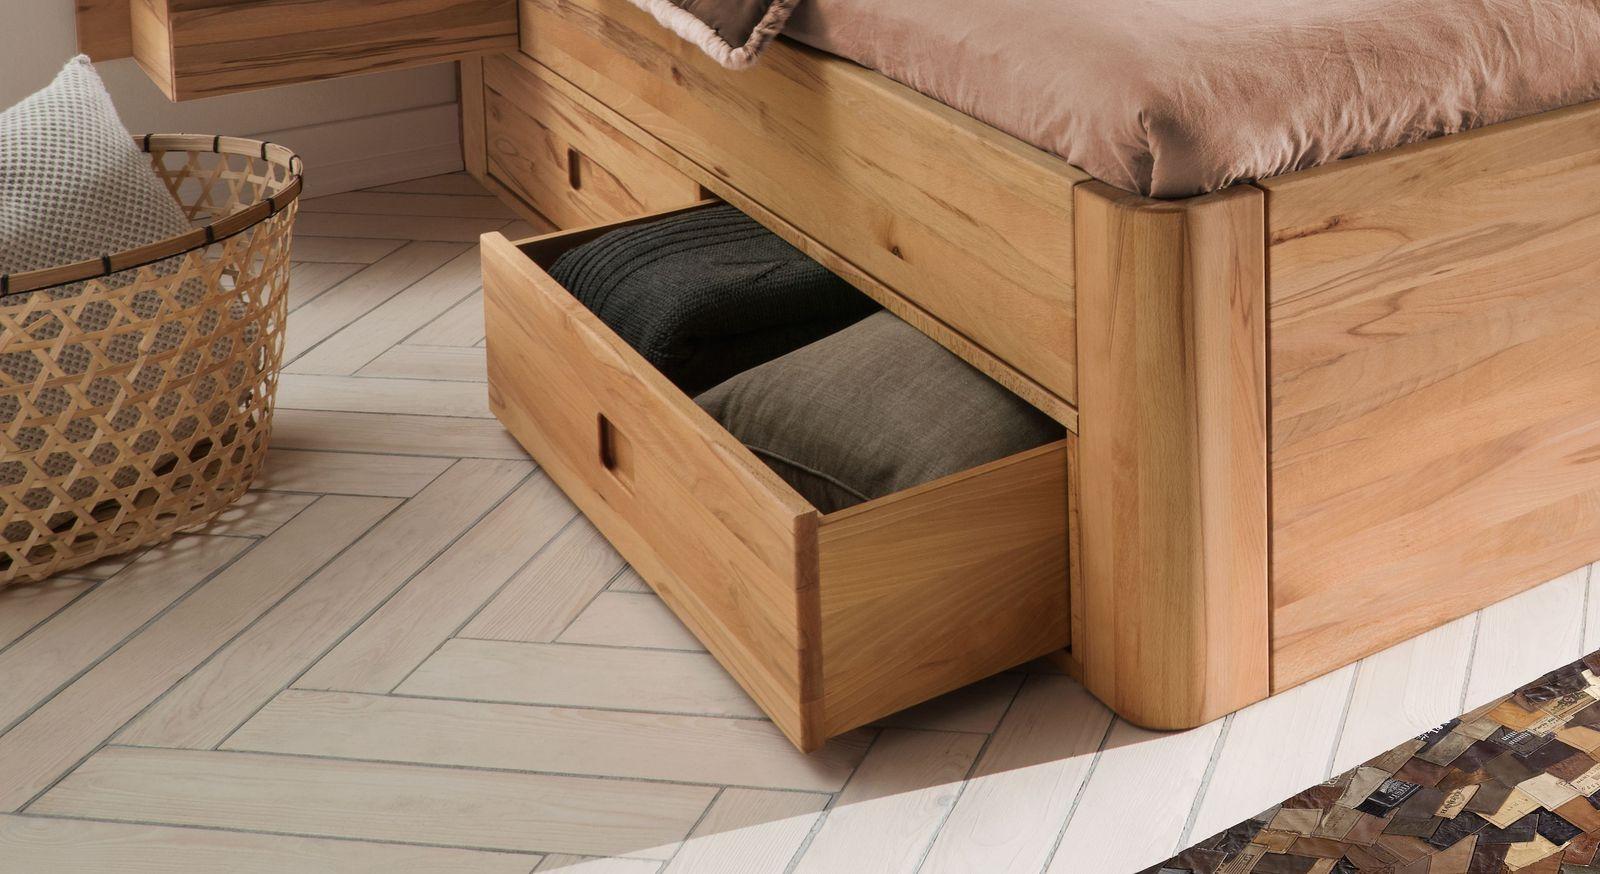 Schubkasten-Bett Burgau mit leichtgängigen Metallauszügen